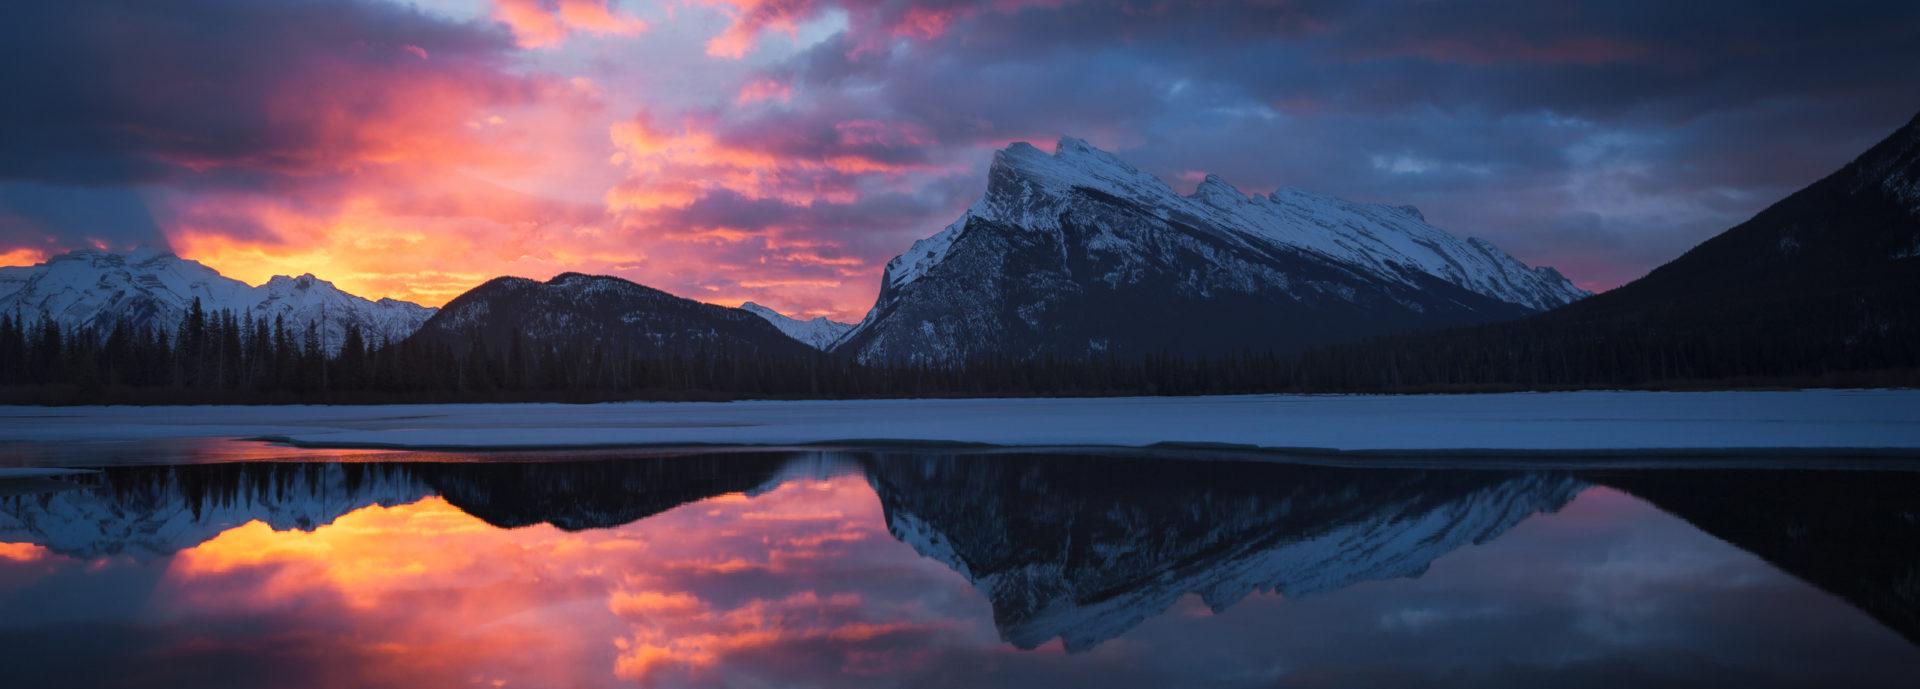 Mountain Photo Tours